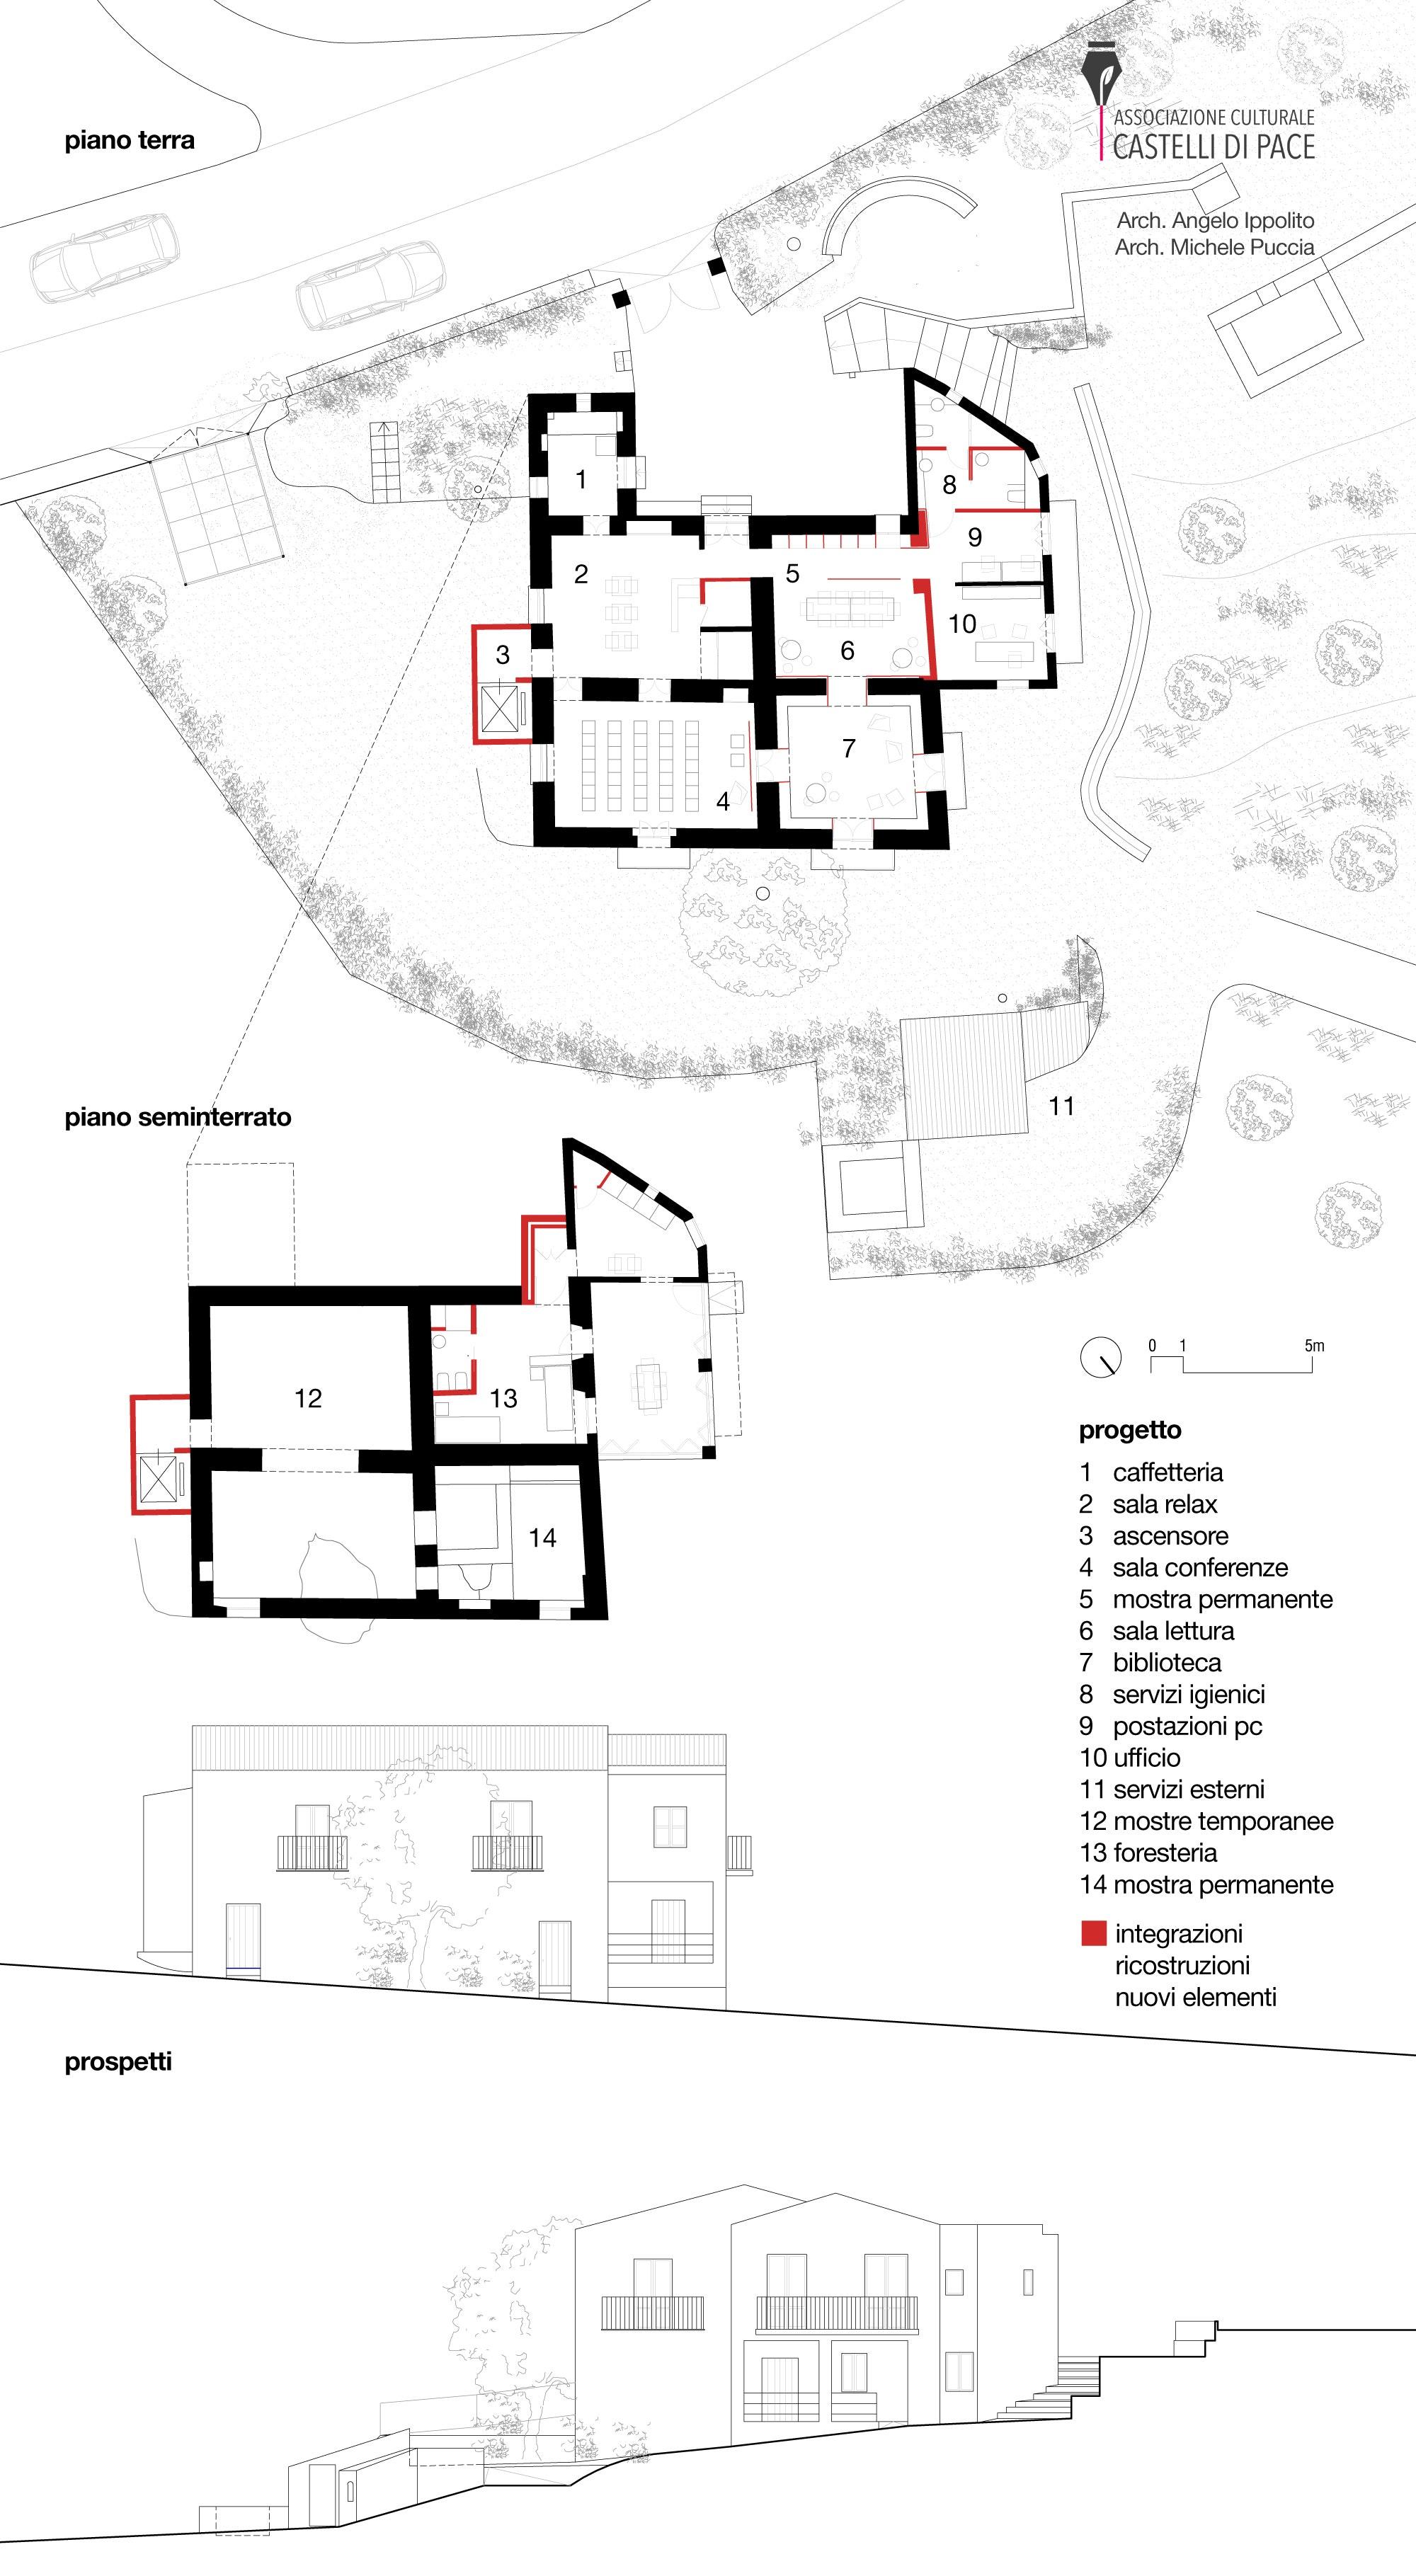 1530778654883230 casina castelli web progetto